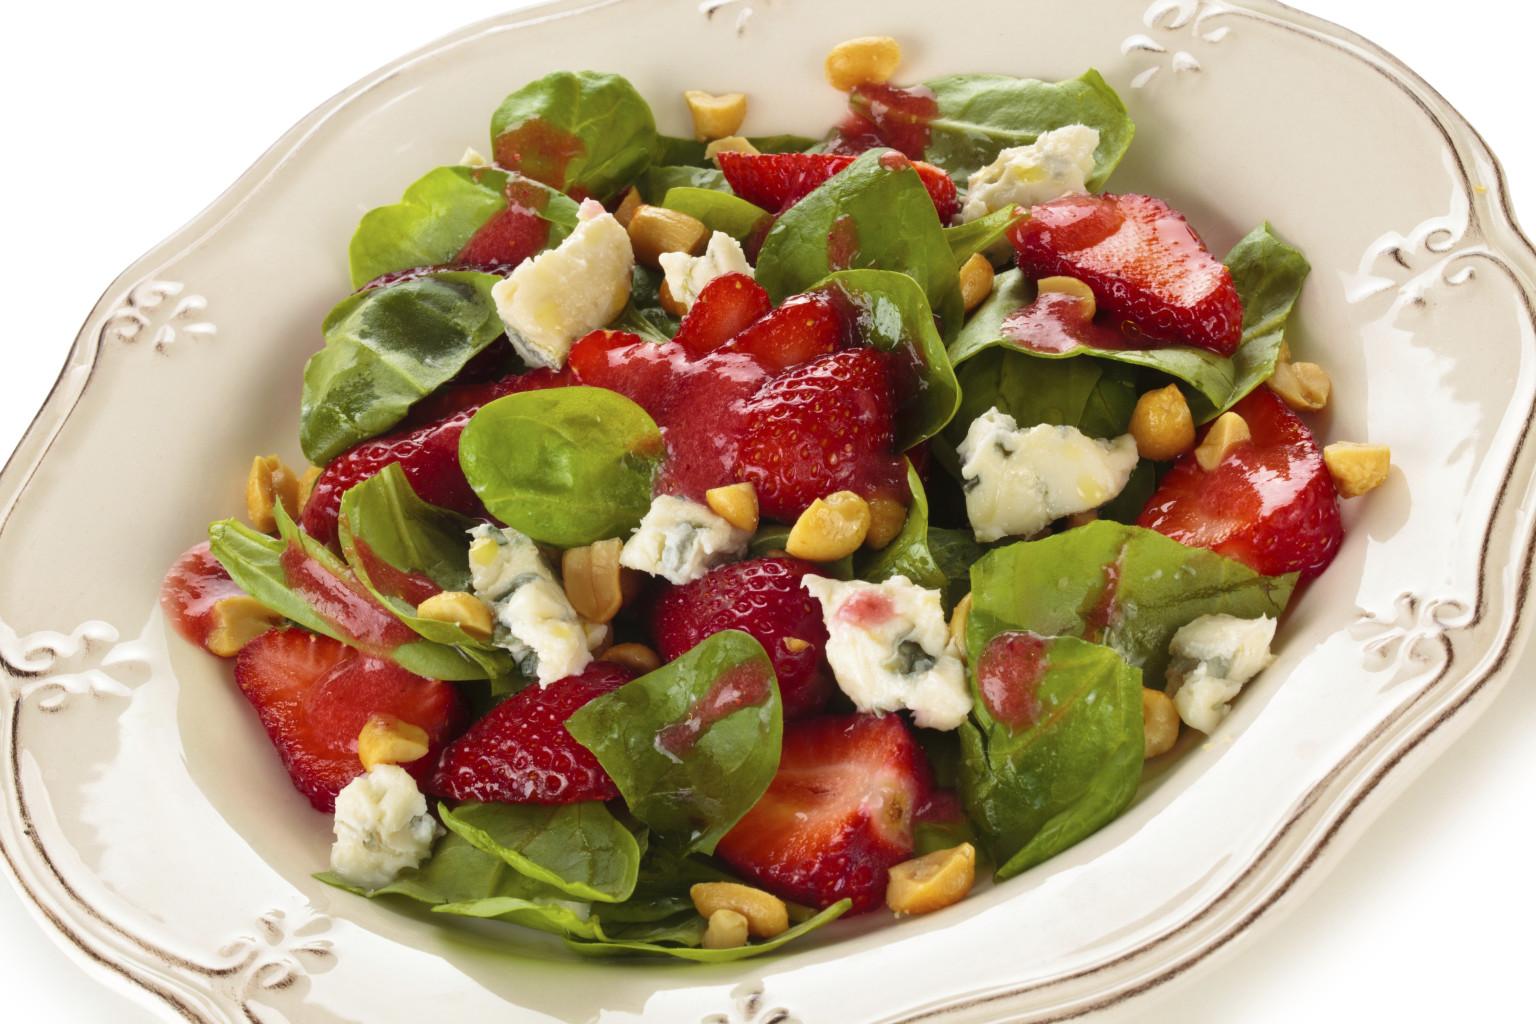 Foods For Brain Health 5 Yummy Ideas